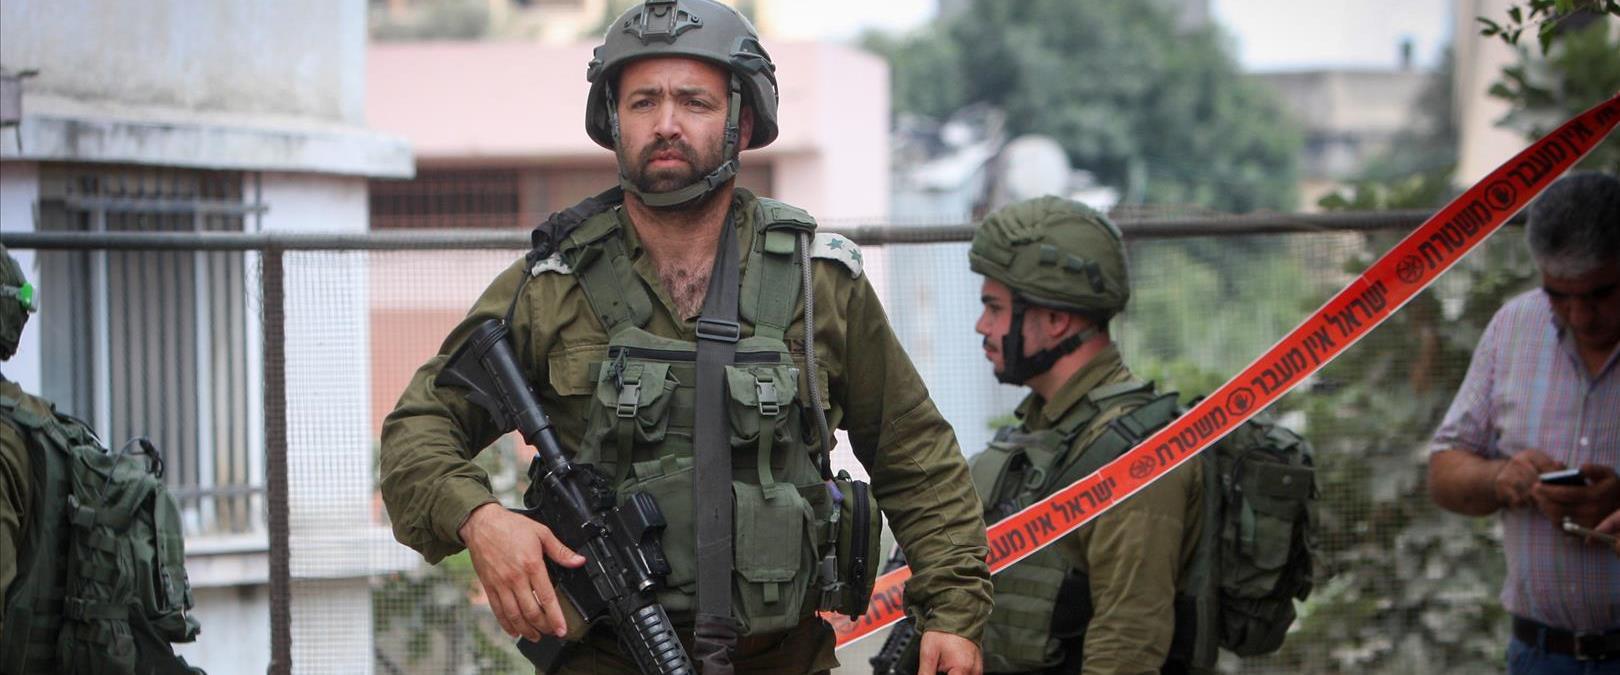 כוחות הביטחון בזירת הפיגוע בכפר עזון השבת